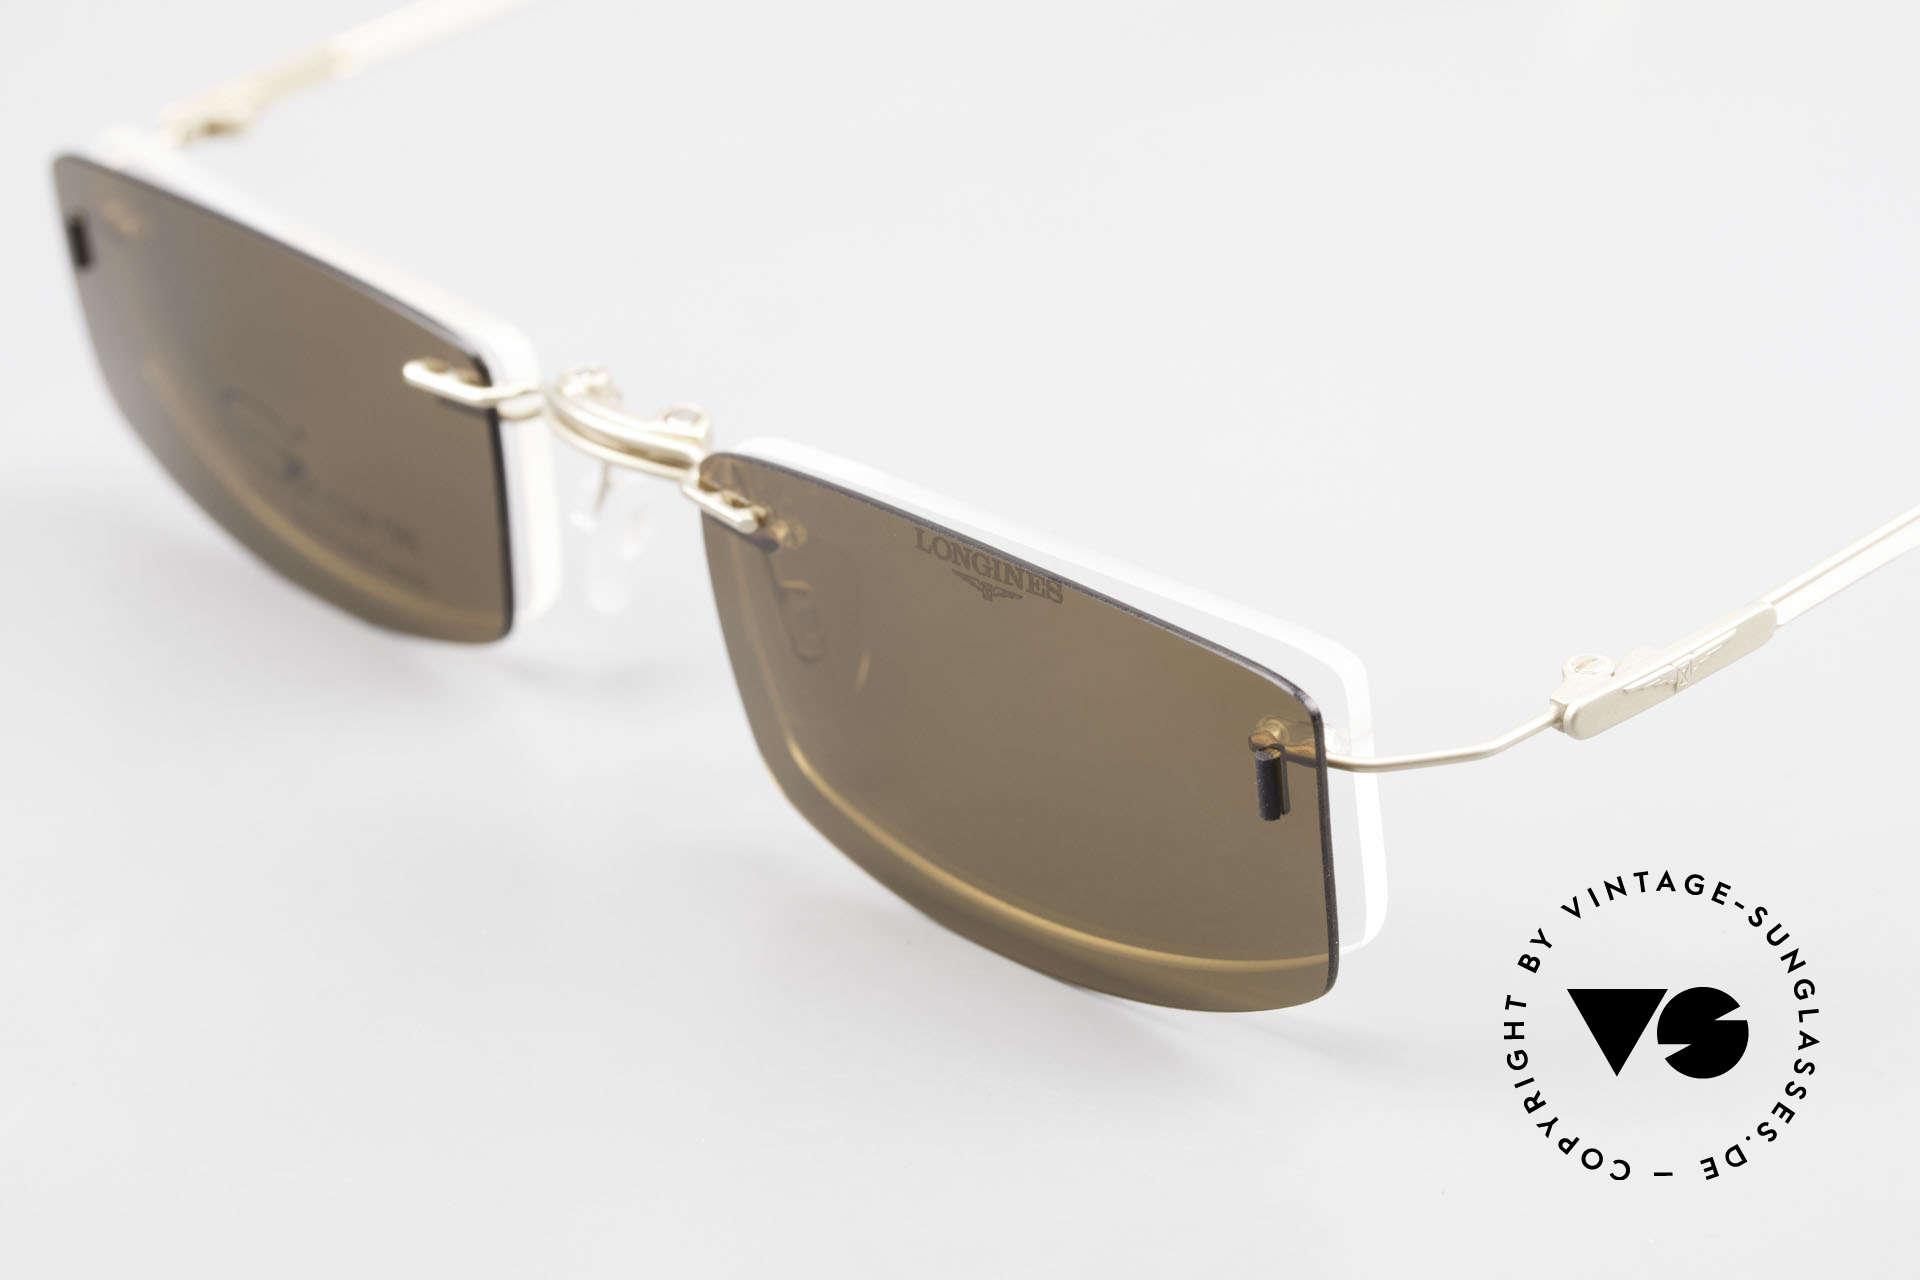 Longines 4378 Polarisierende Randlosbrille, ungetragen (wie alle unsere 90er Herren-Brillengestelle), Passend für Herren und Damen